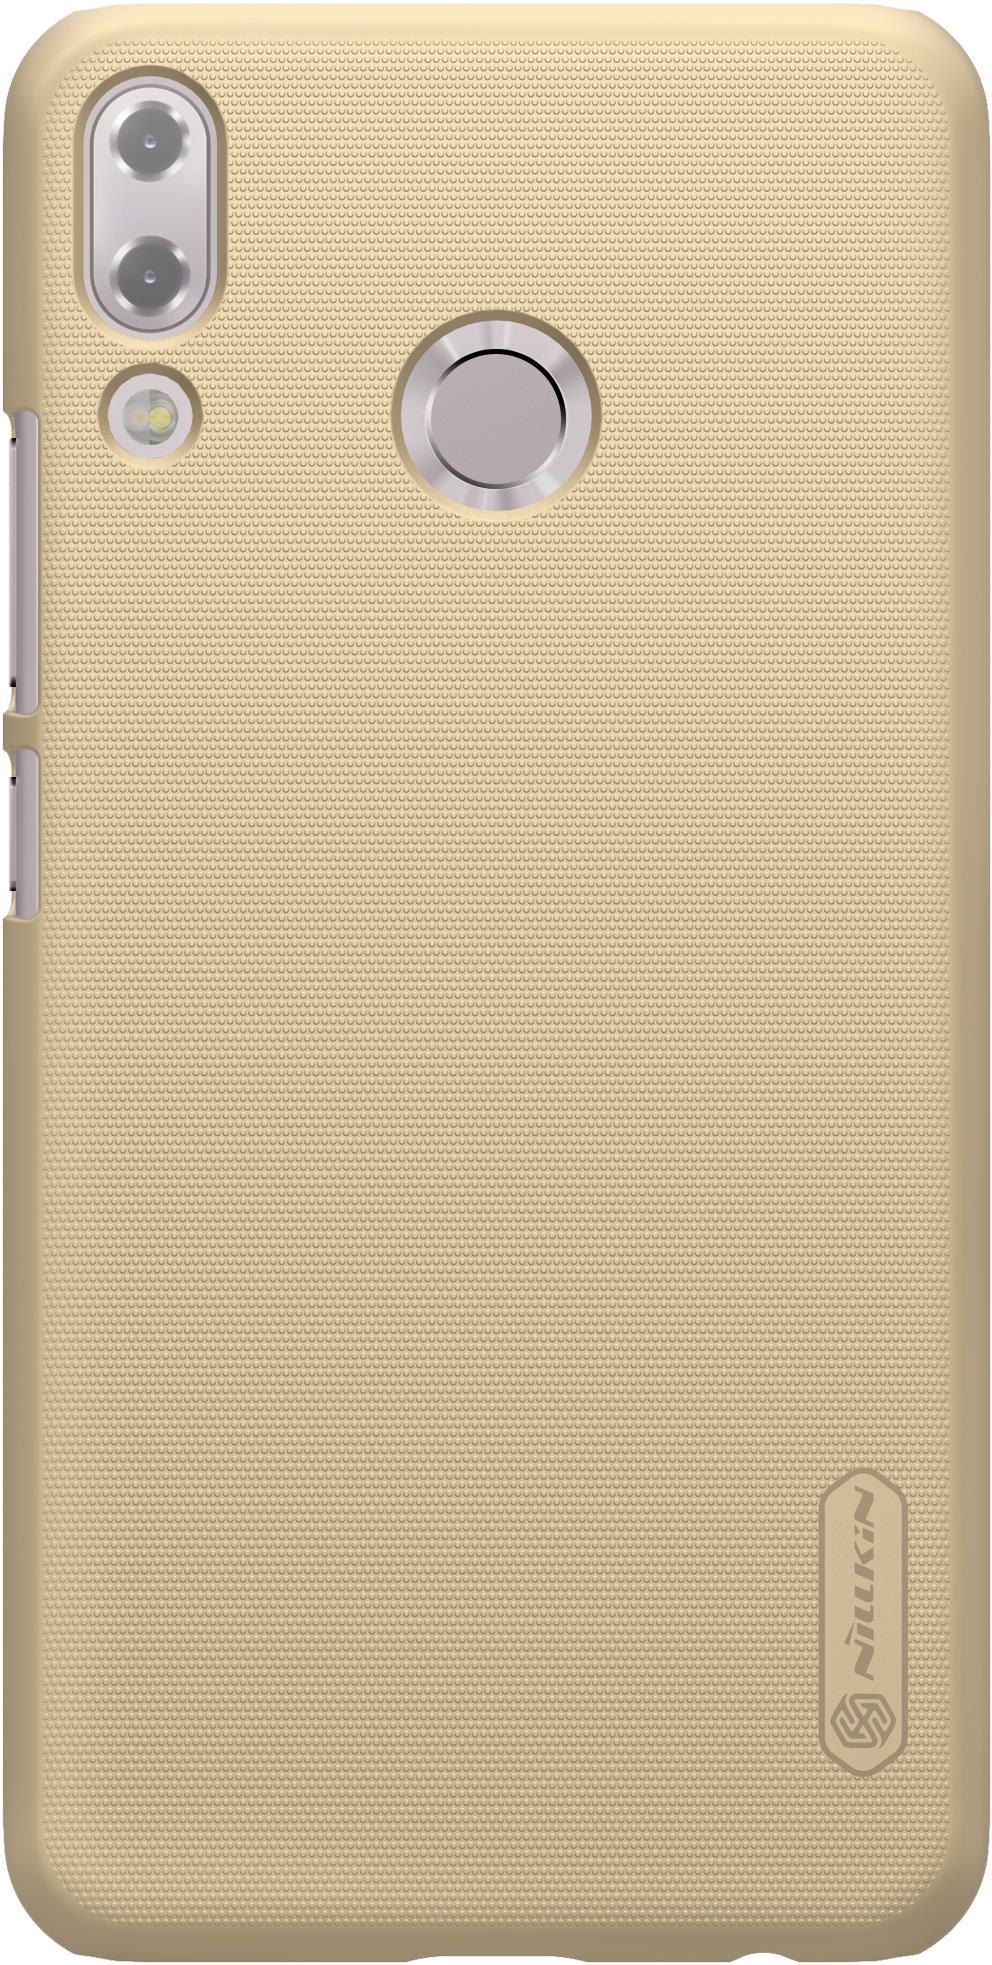 Накладка Nillkin Super Frosted для ZenFone 5 ZE620KL, 6902048157132, золотистый смартфон asus zenfone 5 ze620kl 4 64gb midnight blue